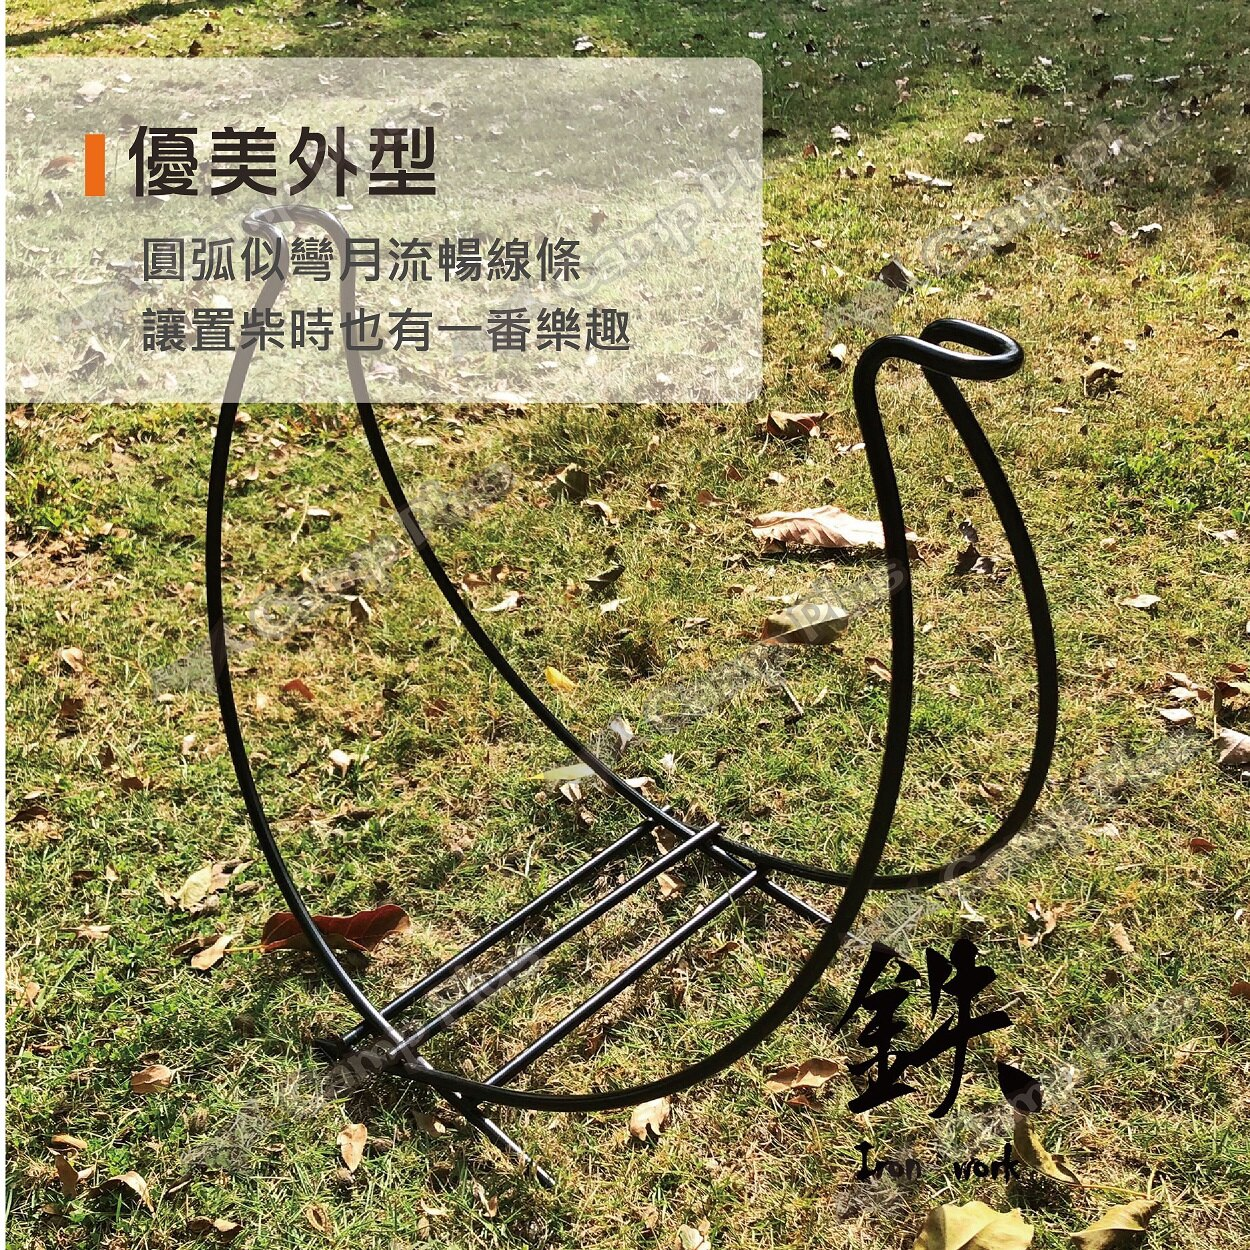 【鉄Iron work】 圓薪柴架 柴火架 置柴架 戶外 露營 鐵架 登山 悠遊戶外